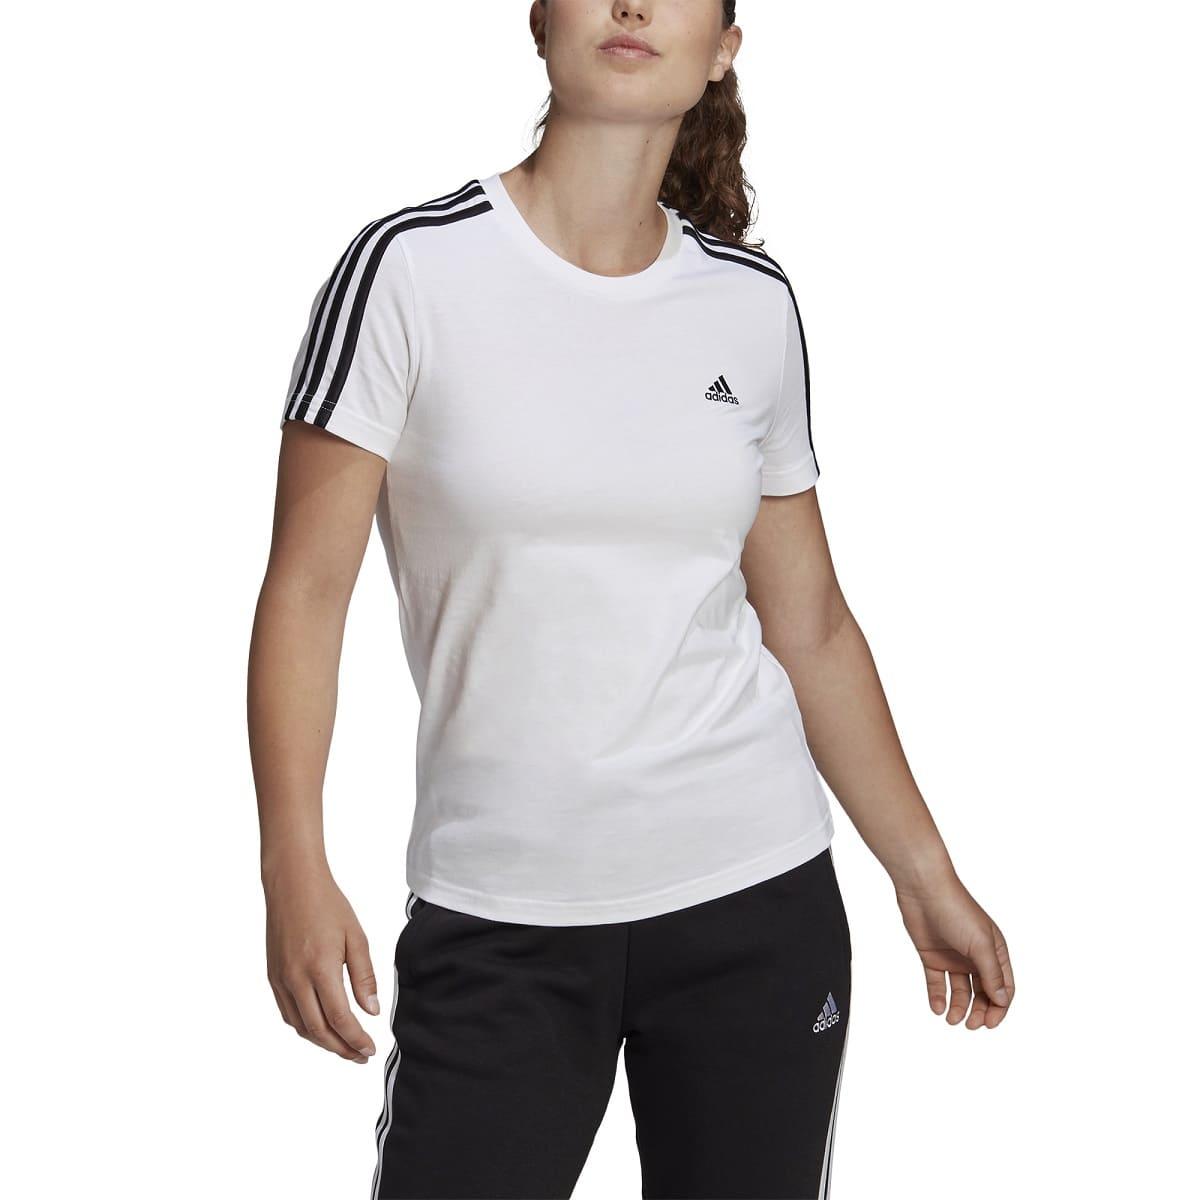 ADIDAS ESSENTIALS SLIM T-SHIRT WHITE/BLACK - XS